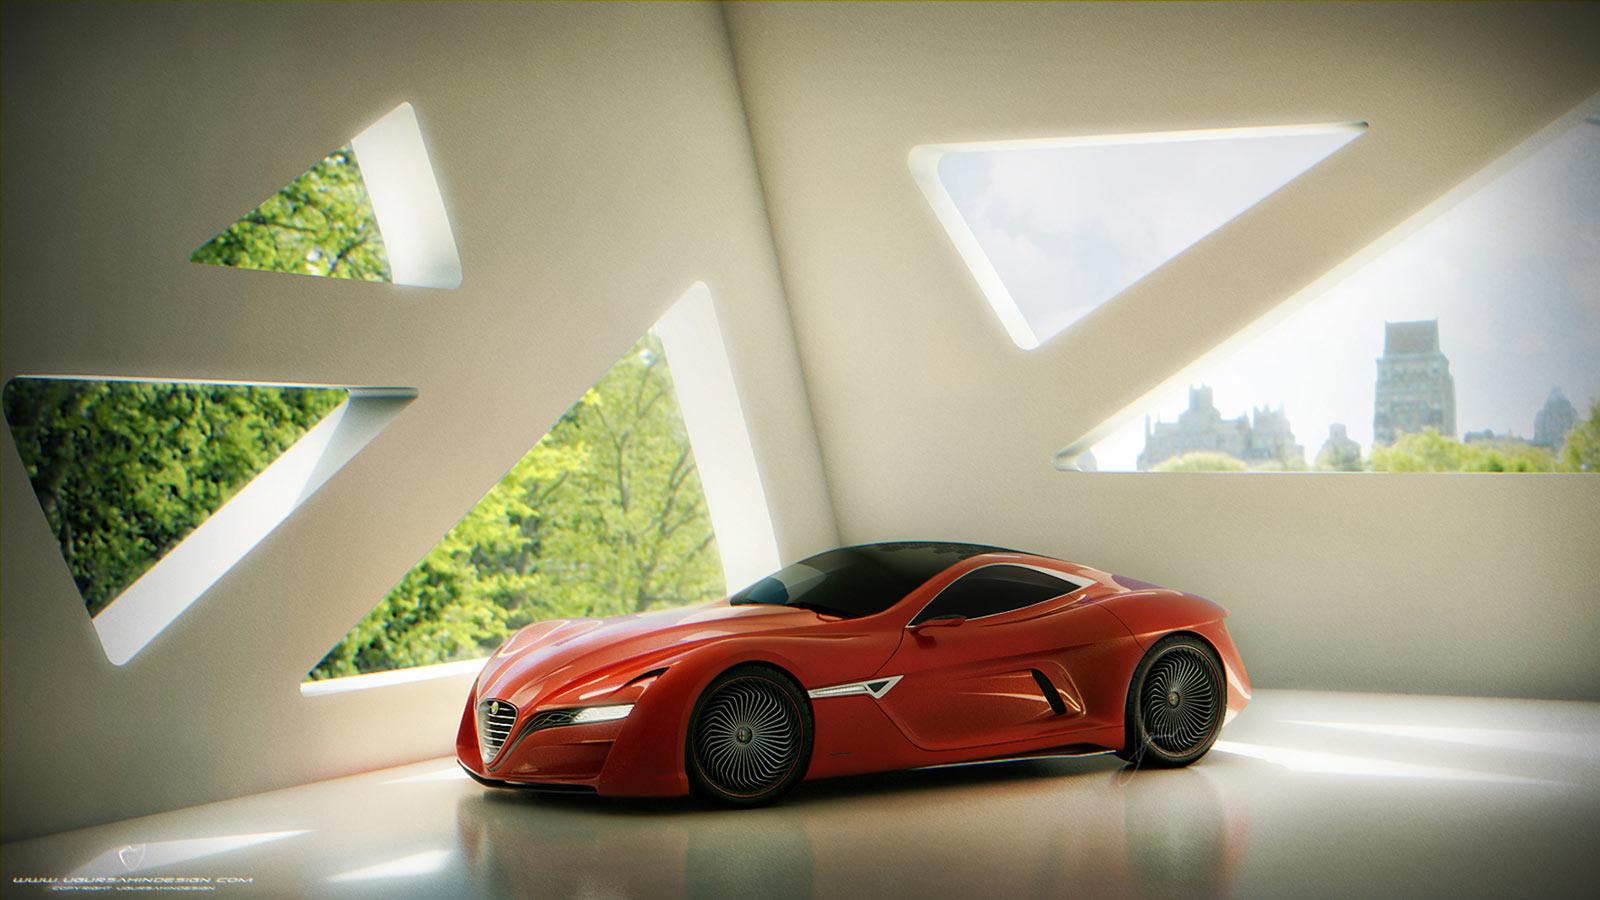 Alfa Romeo C12 Gts Concept Car Body Design Modifications